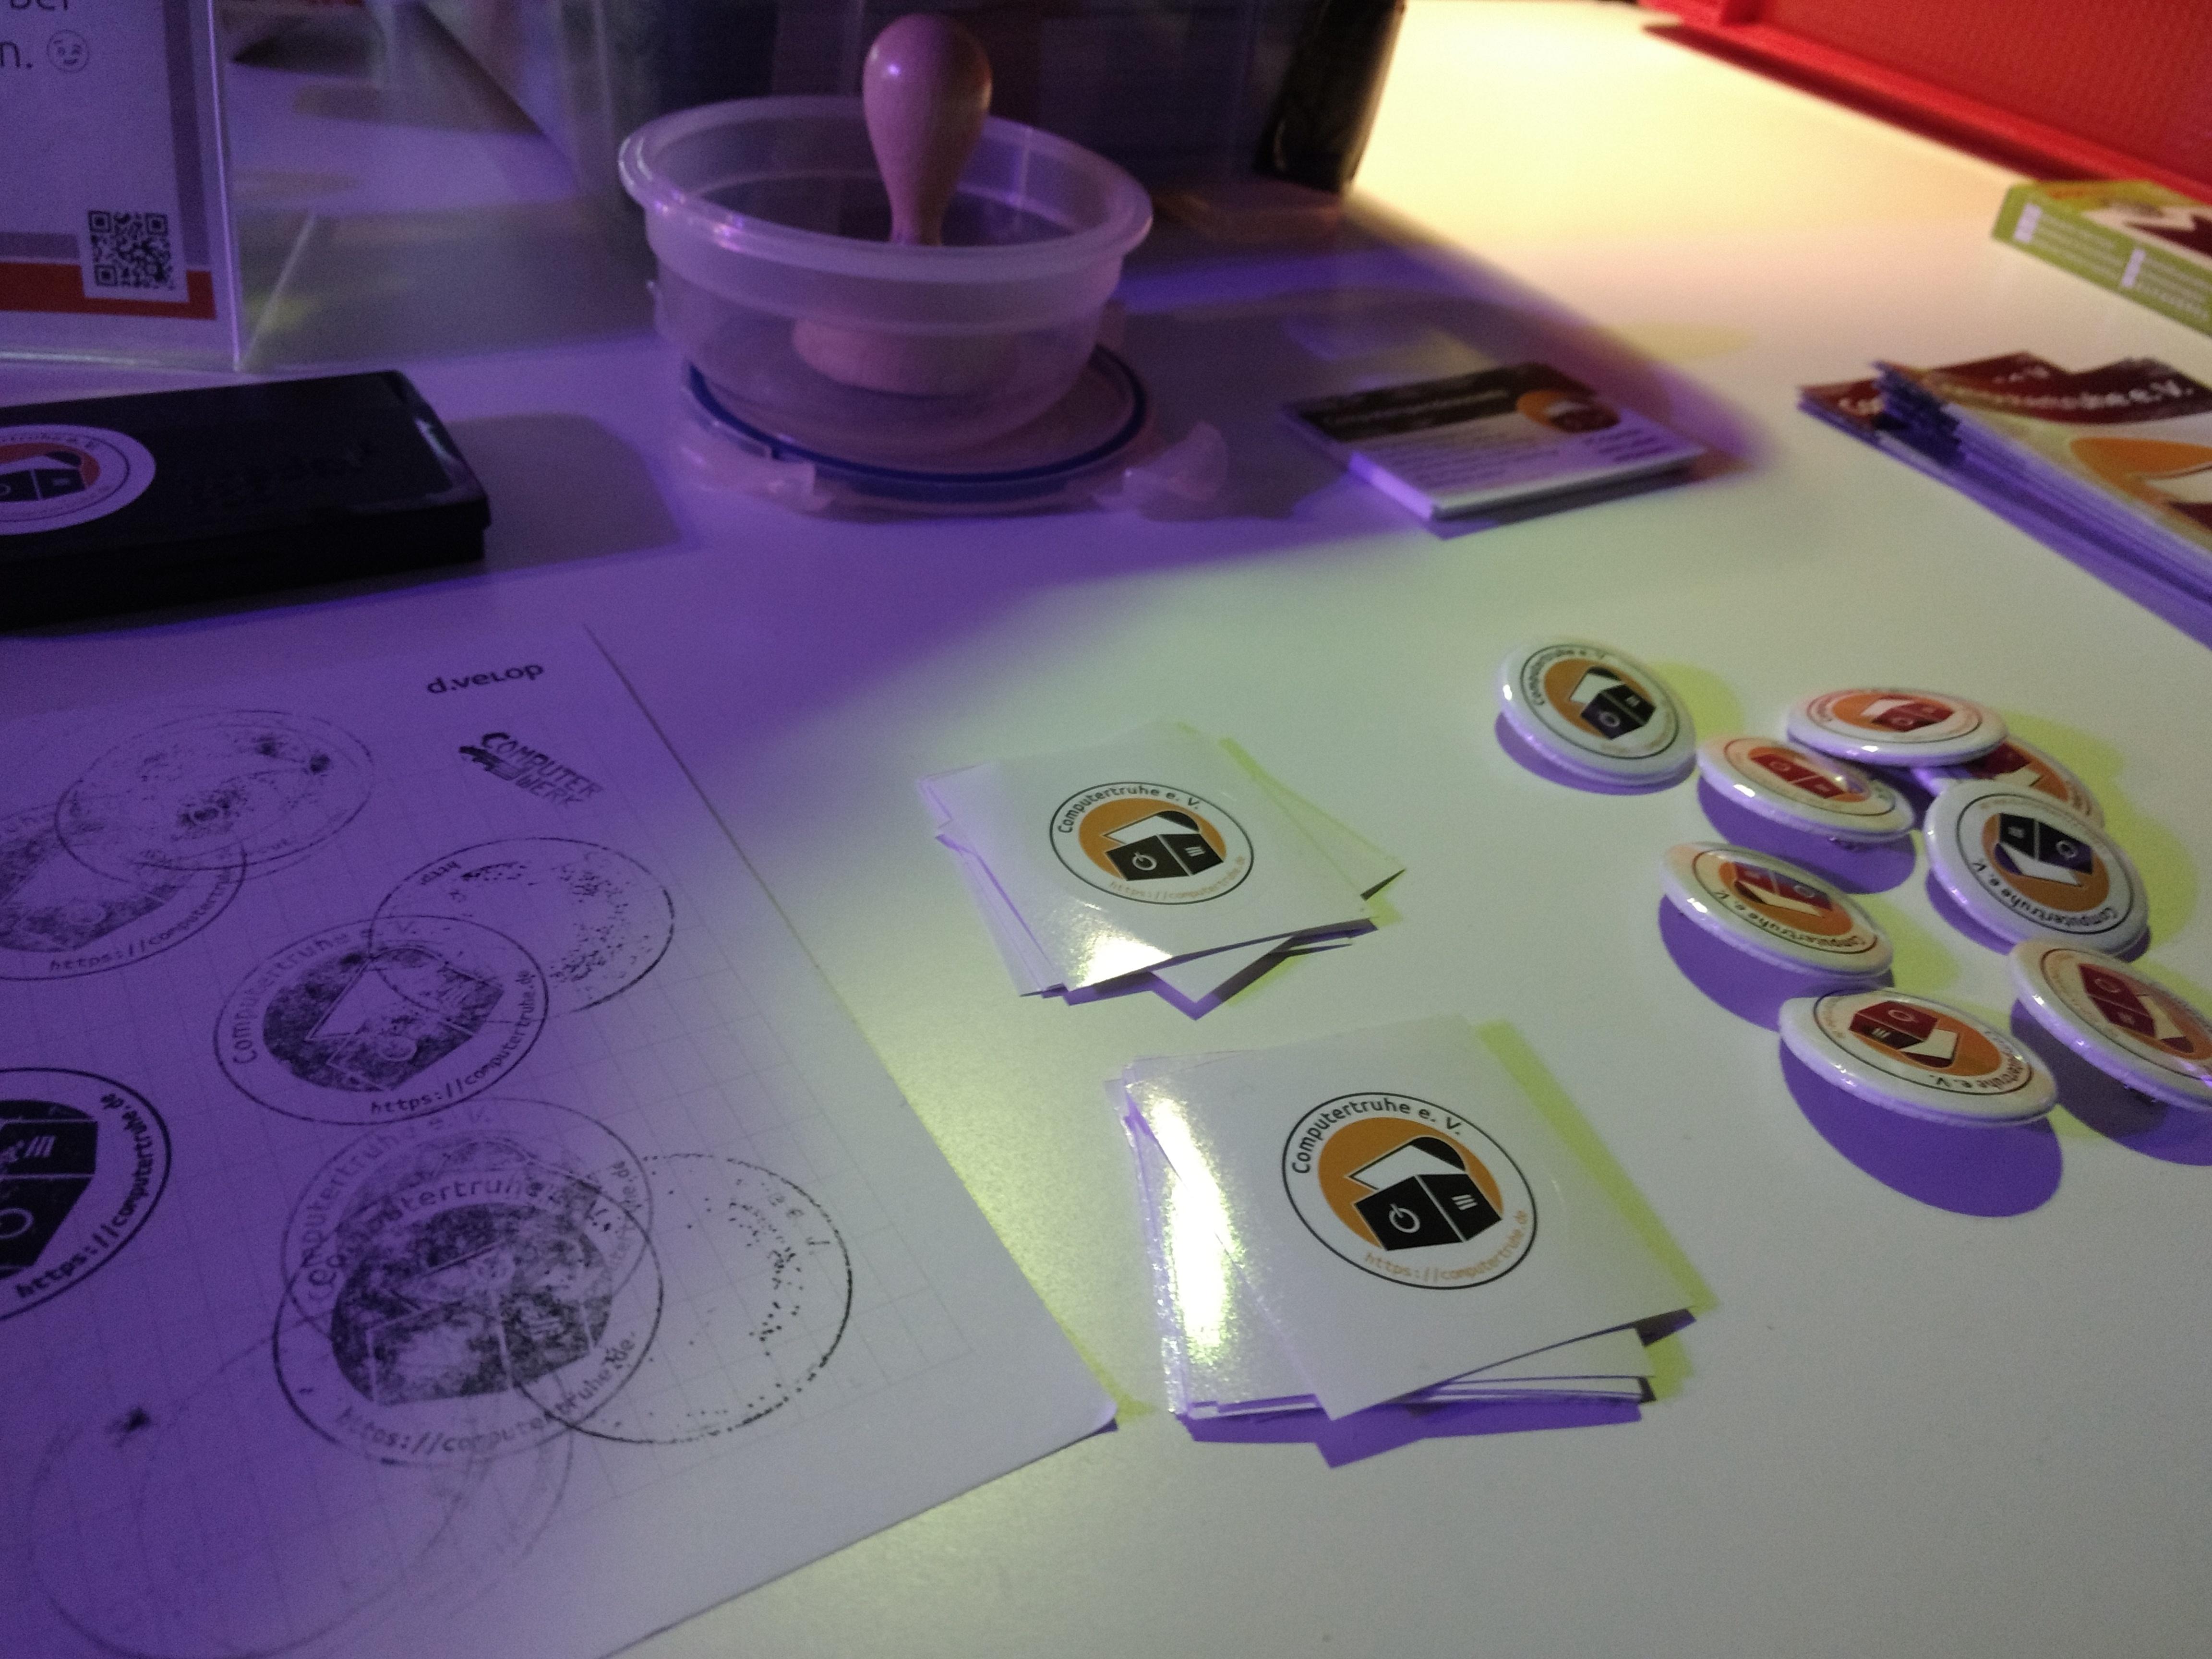 """Tischplatte, auf der Aufkleber und Pins mit dem """"Computertruhe""""-Logo darauf und Informationsmaterial drapiert sind. Ebenfalls ist ein Blatt Papier mit mehreren Abdrücken des Vereinsstempels zu sehen."""